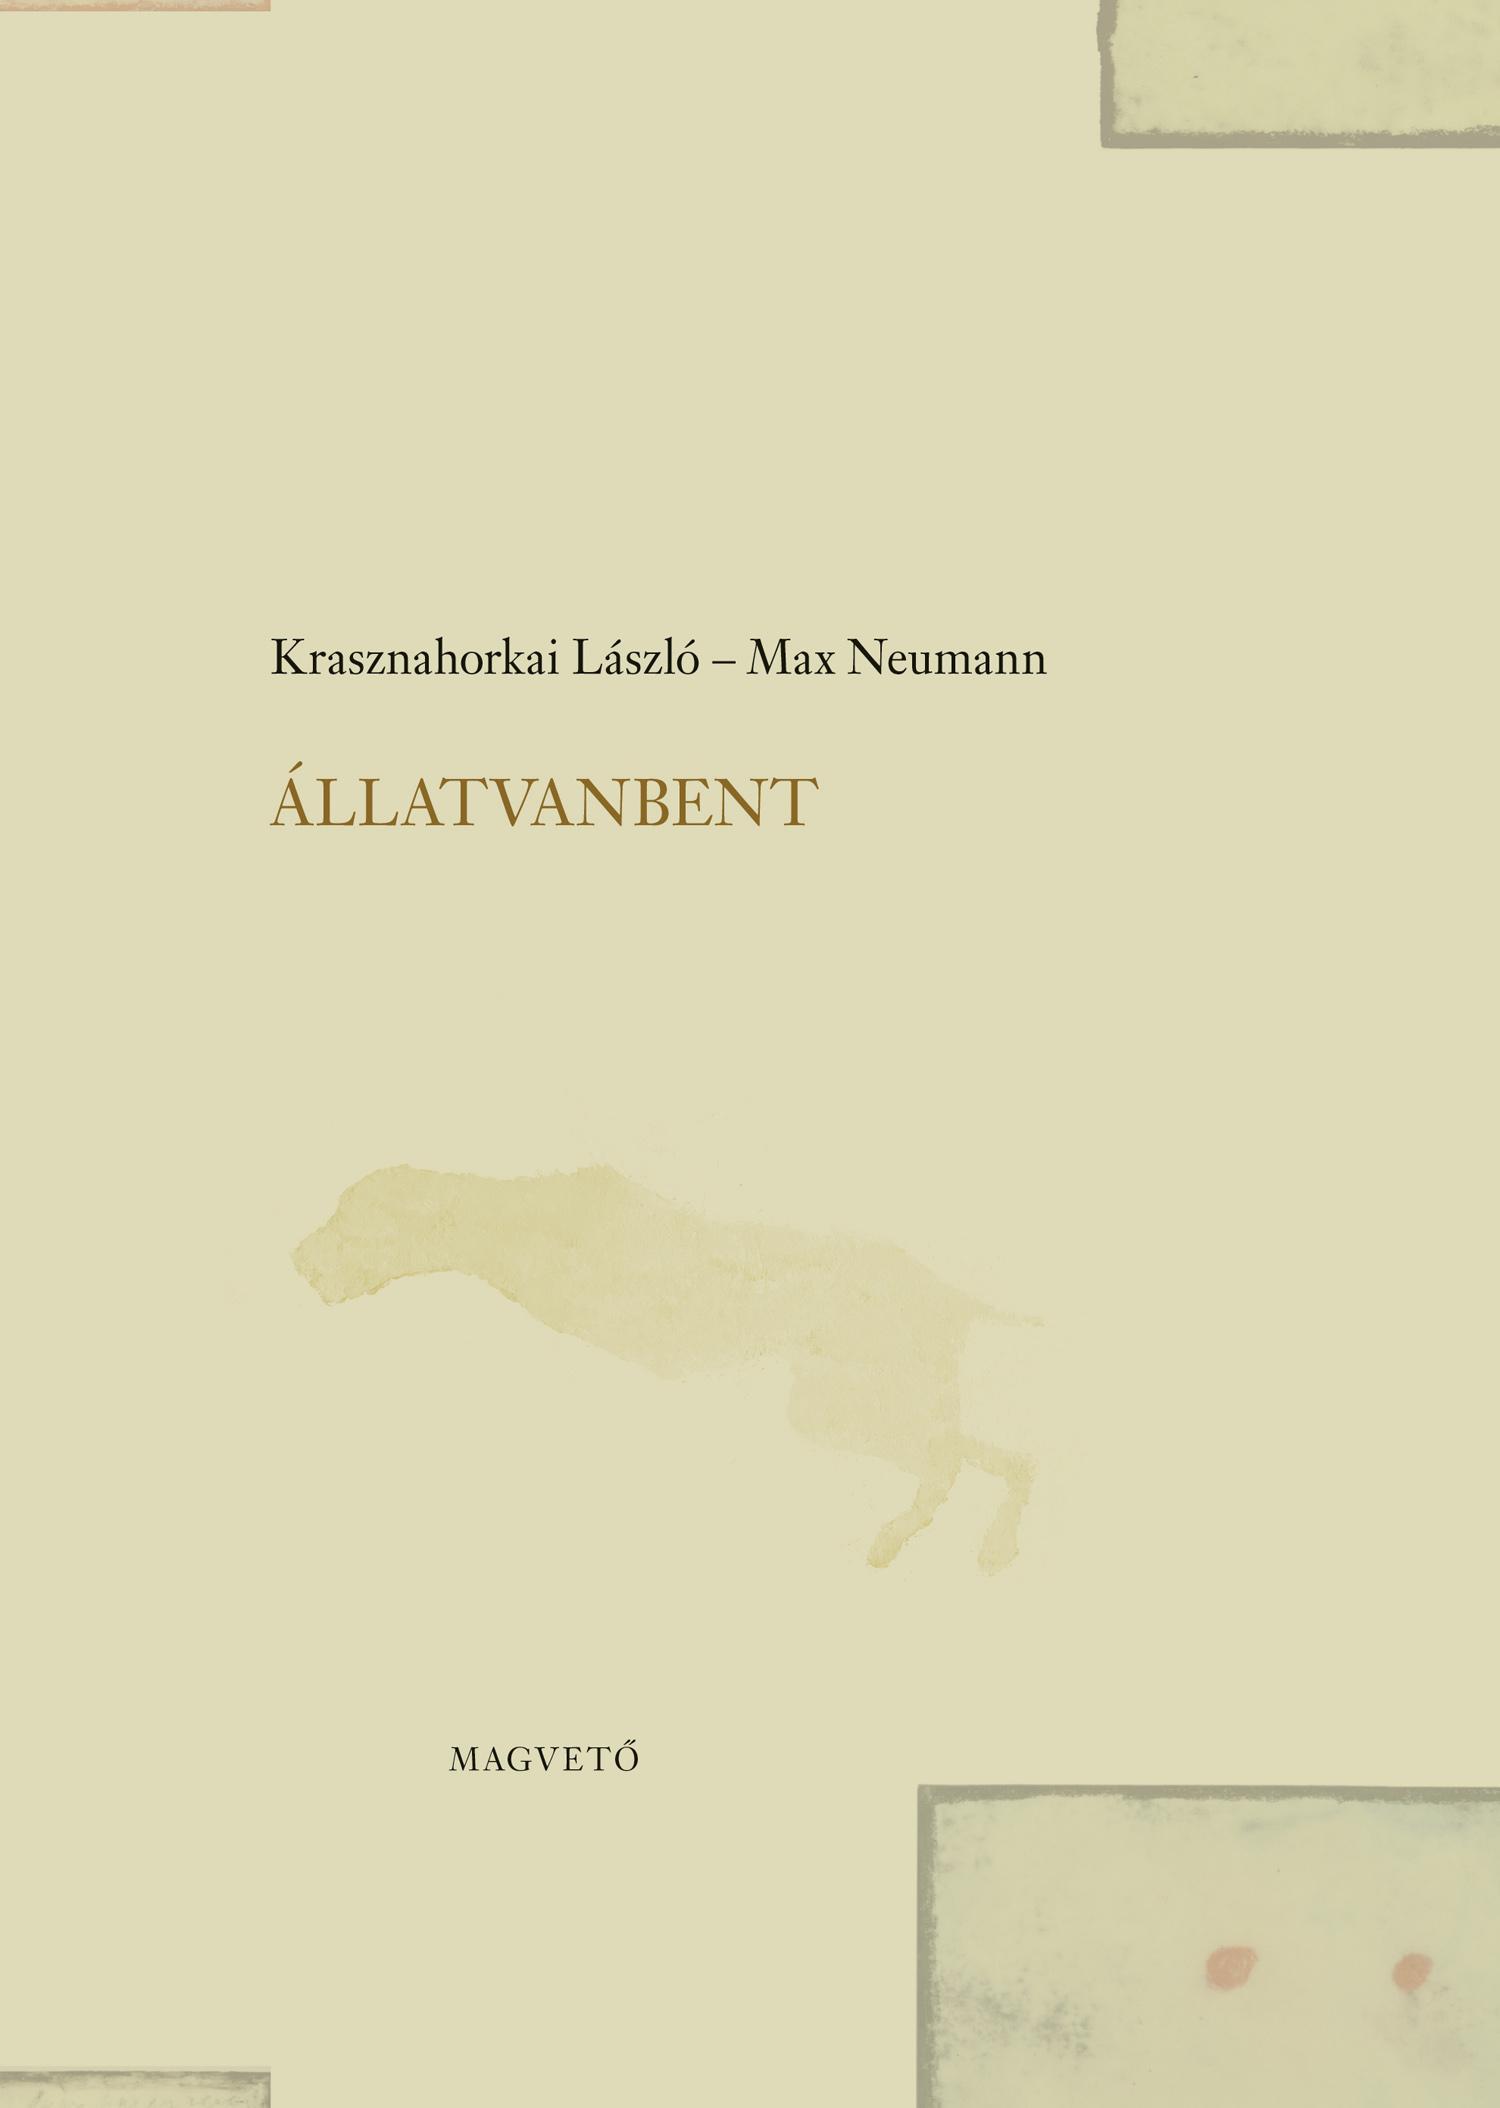 Krasznahorkai László, Neumann, Max - ÁllatVanBent